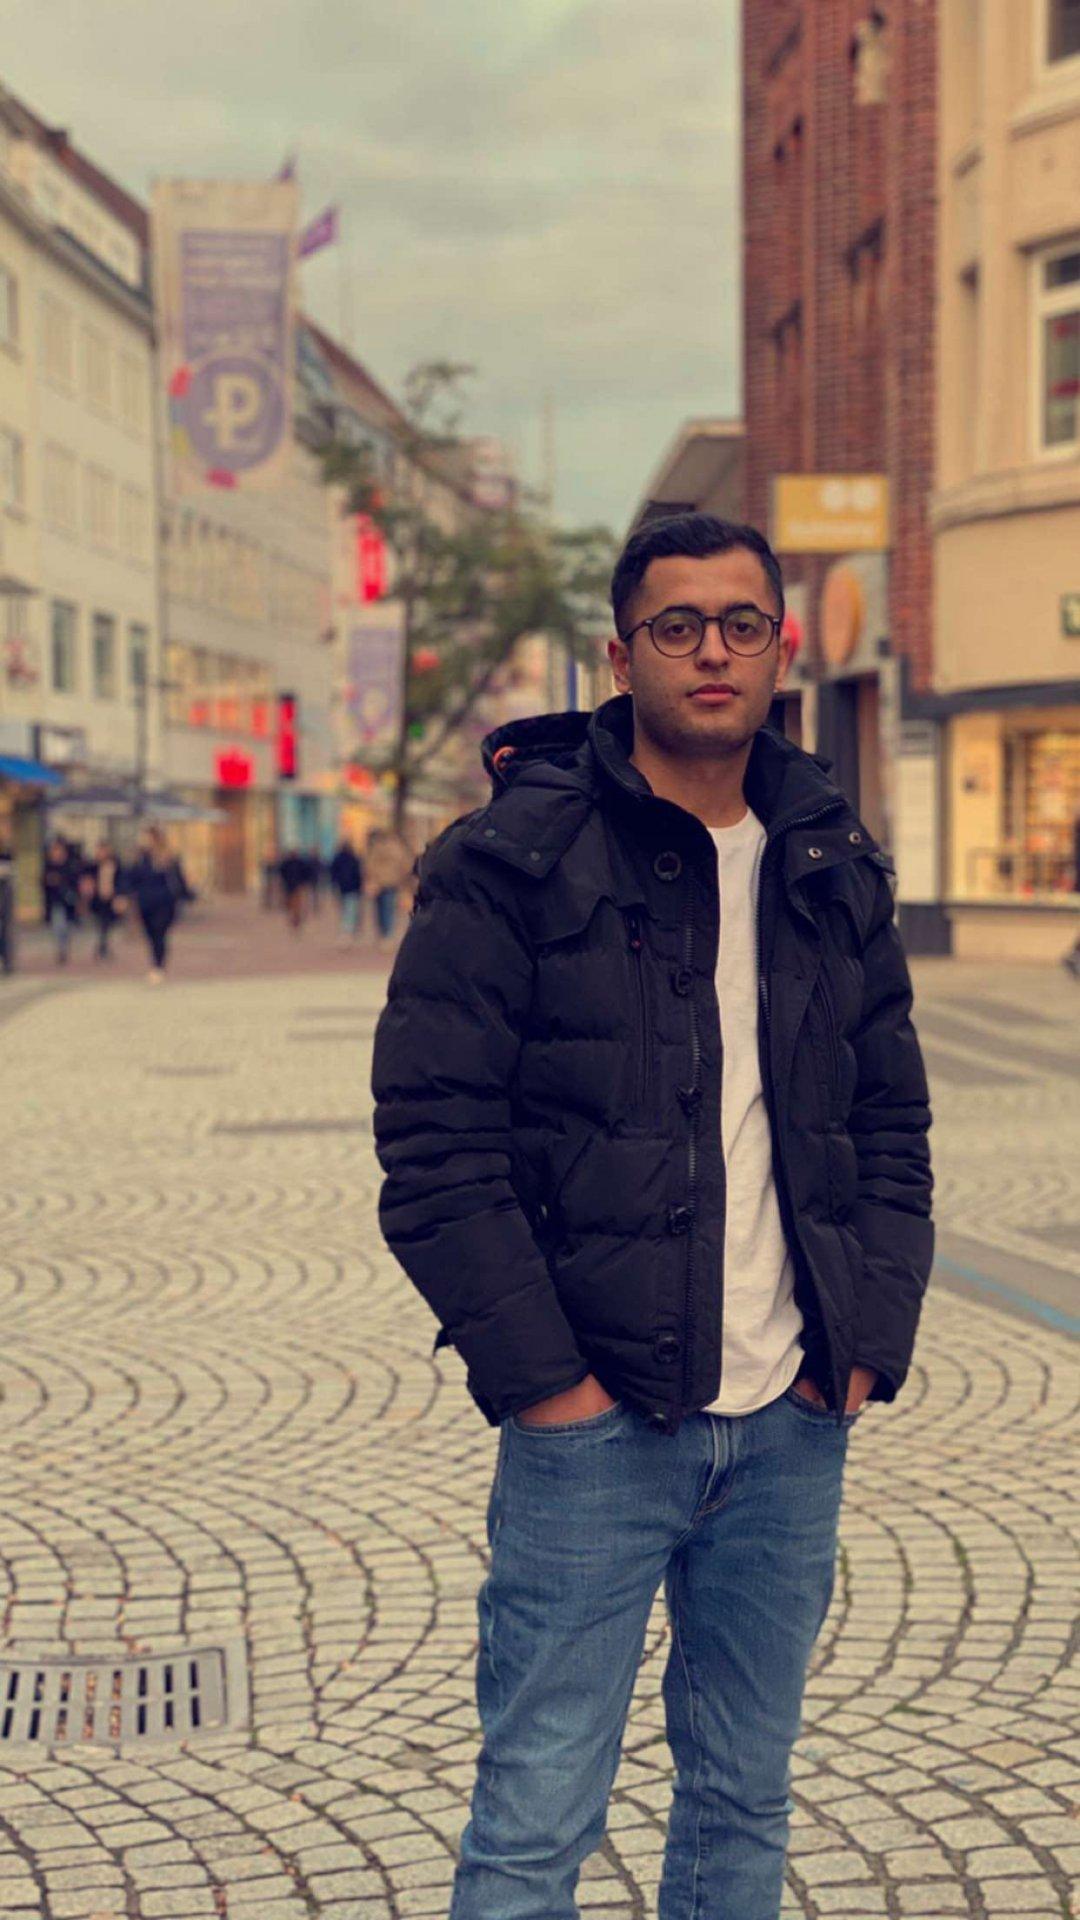 Arooo aus Hamburg,Deutschland